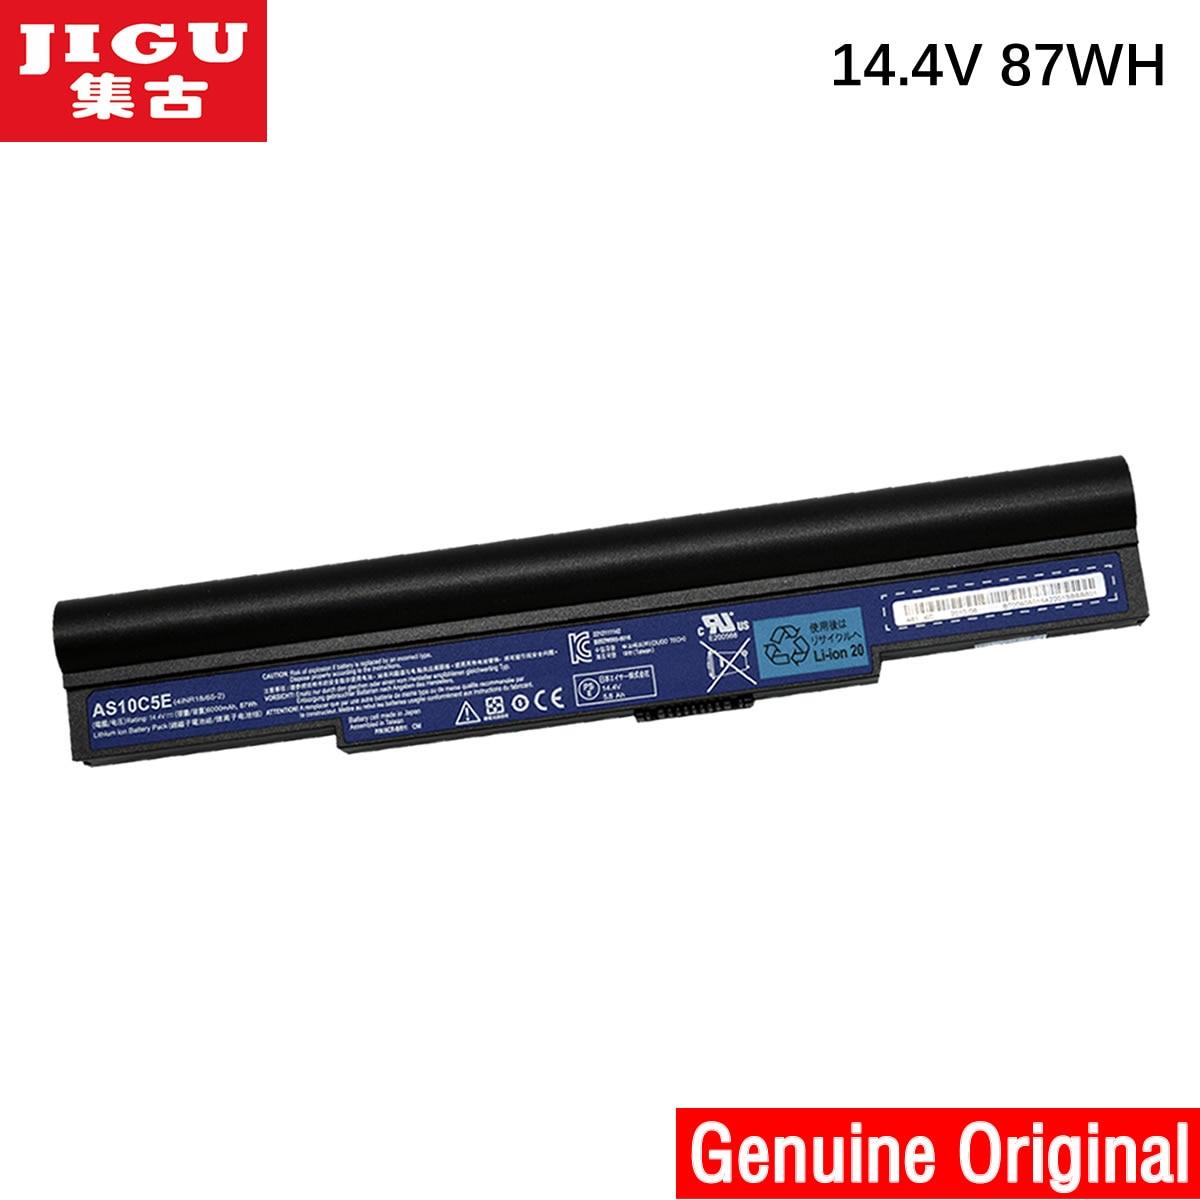 fd0c205c192f JIGU AS10C5E AS10C7E batería Original del ordenador portátil Aspire 5943G  5951 5951G 8943G 8950G 8951 8951G 5943G 8943G 8950